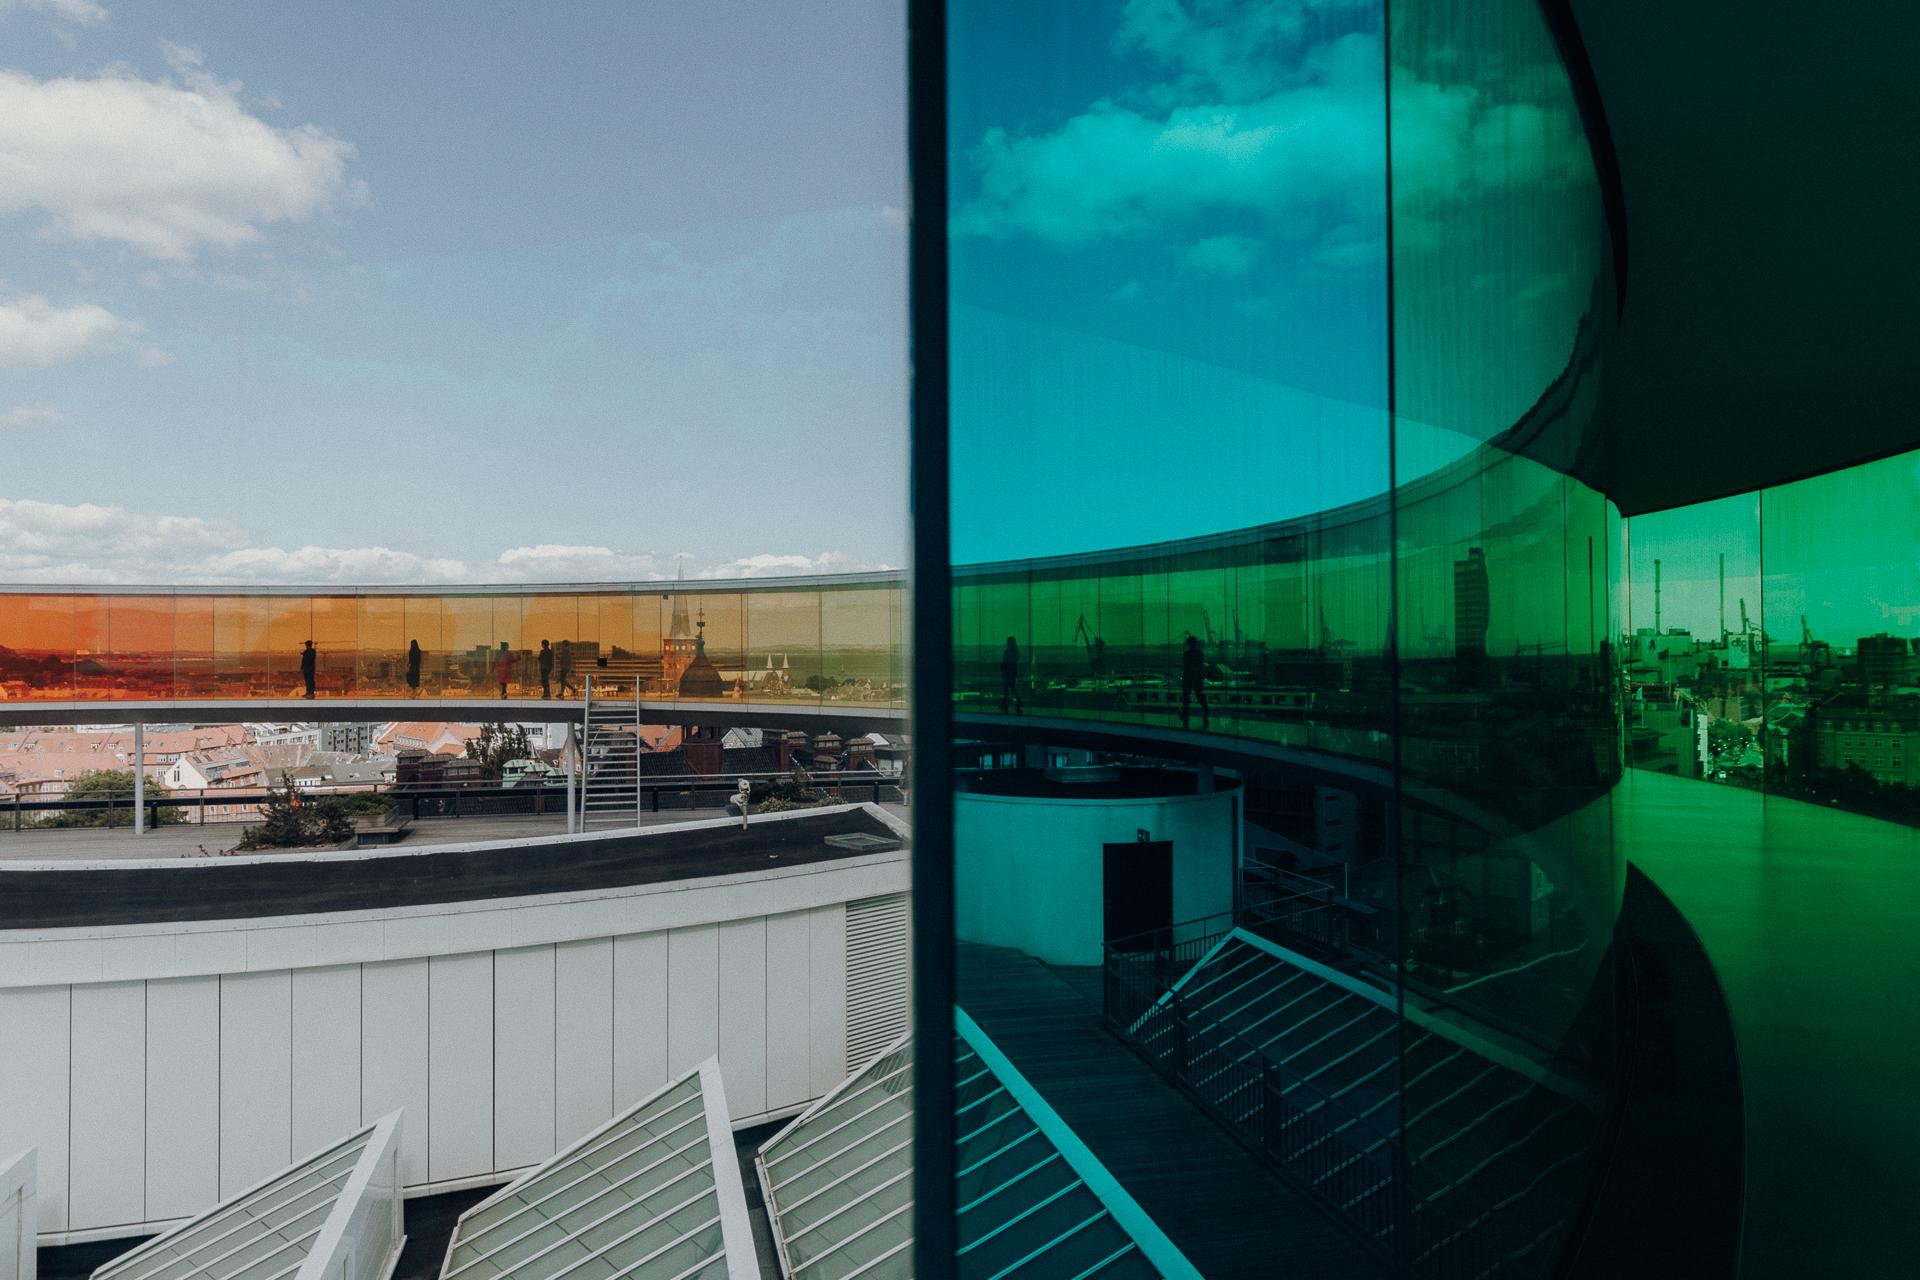 ARoS Kunstmuseum Regenbogen-Panorama in Aarhus